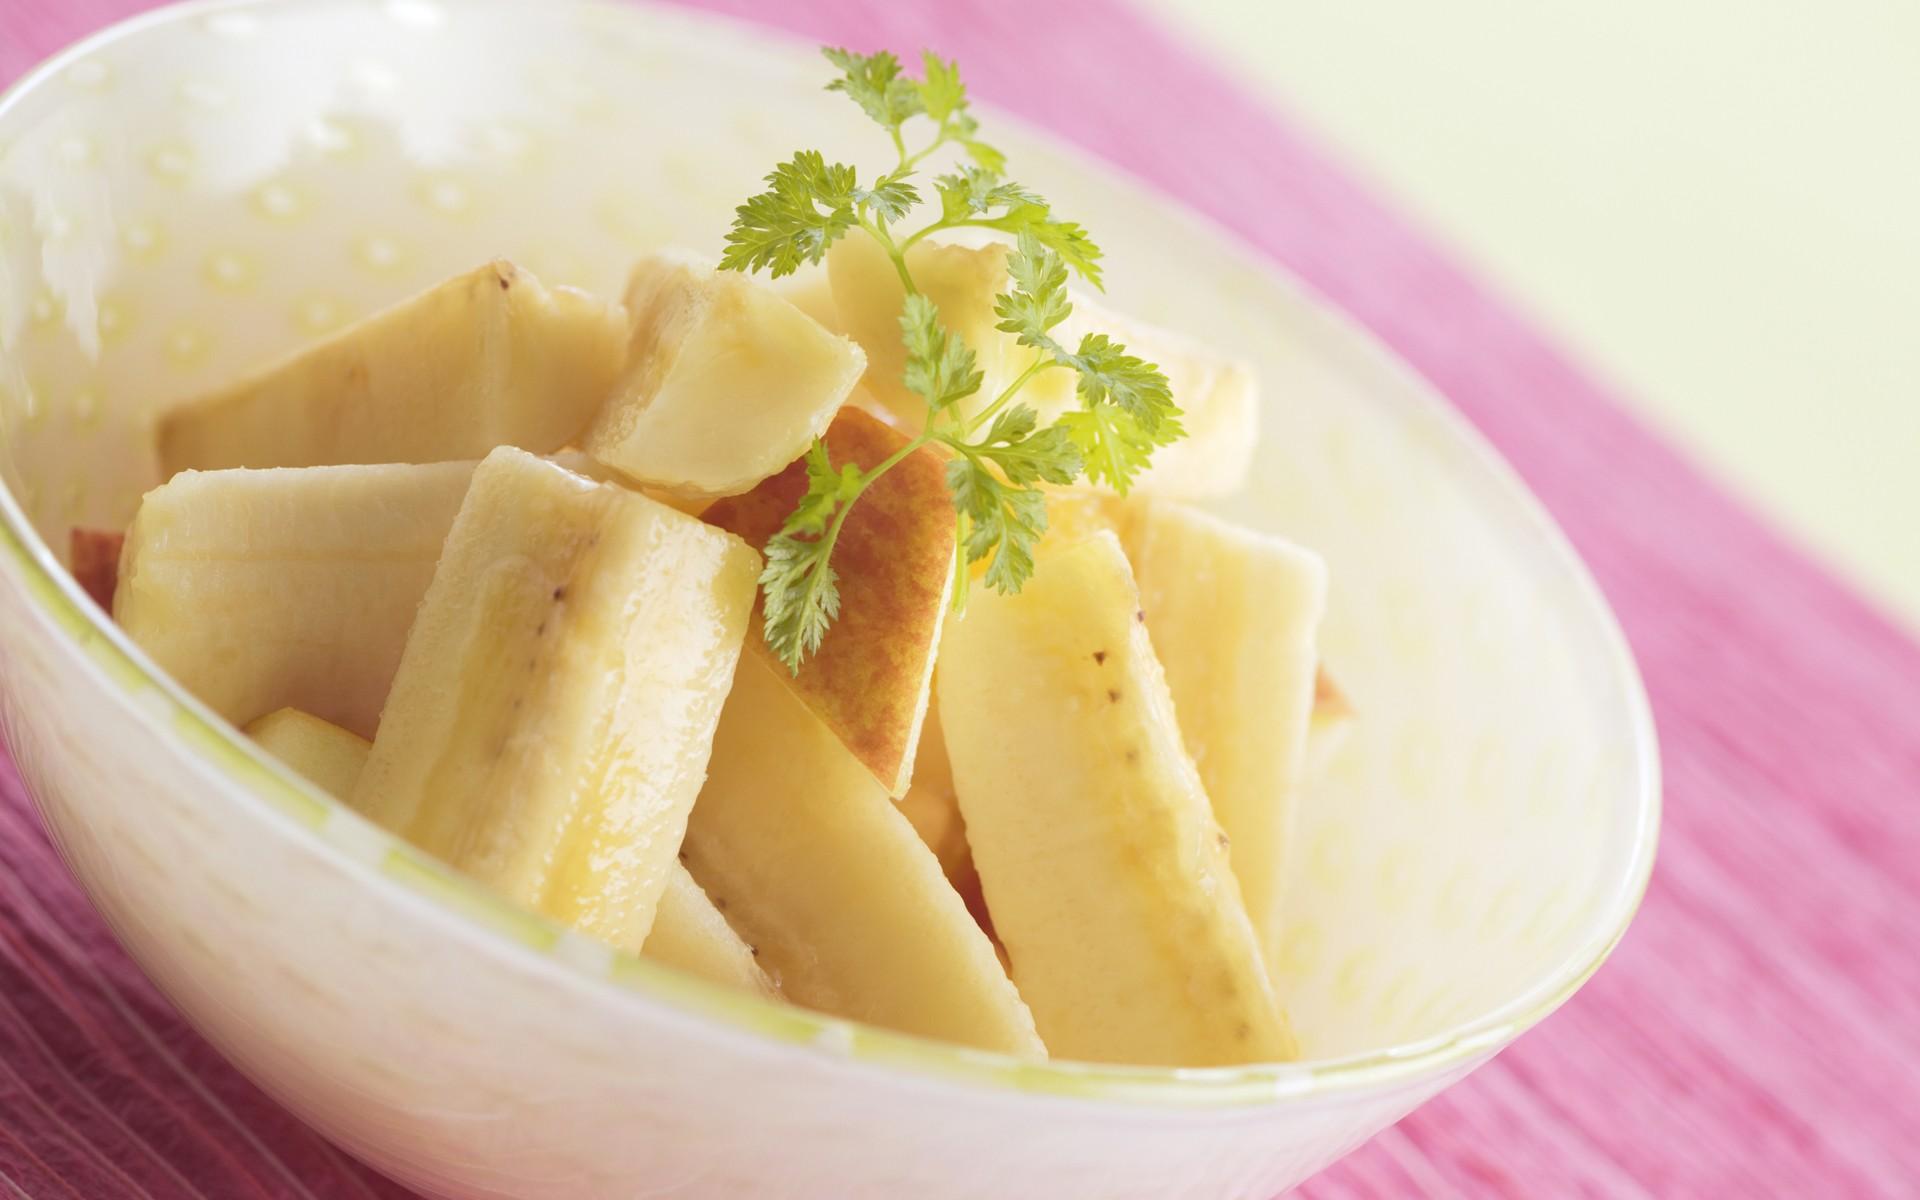 диета на бананах отзывы результаты